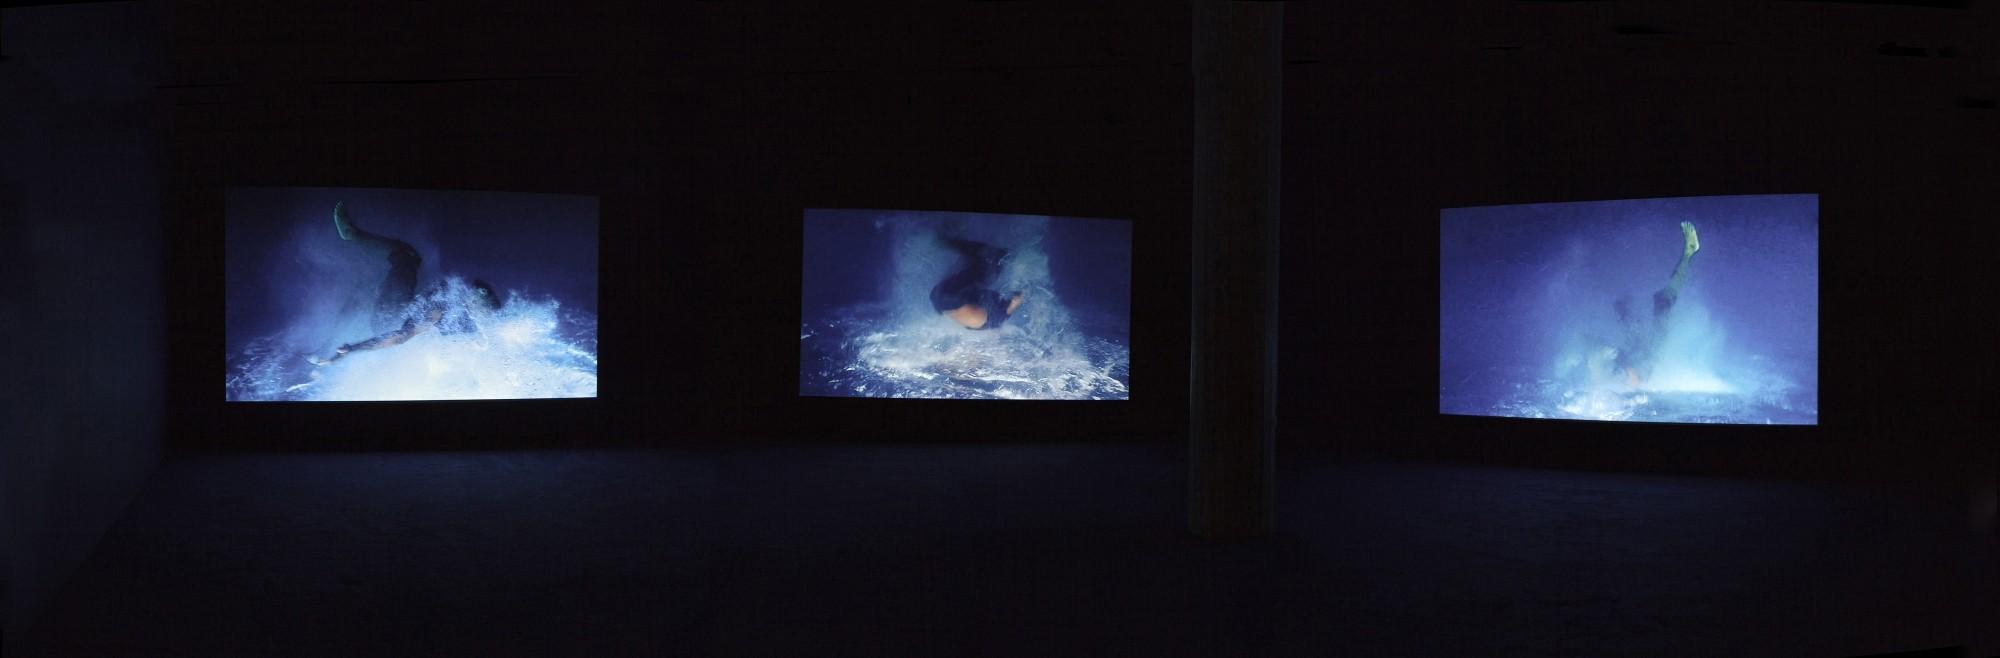 Currents 34: Isaac Julien. Milwaukee Art Museum, 2013